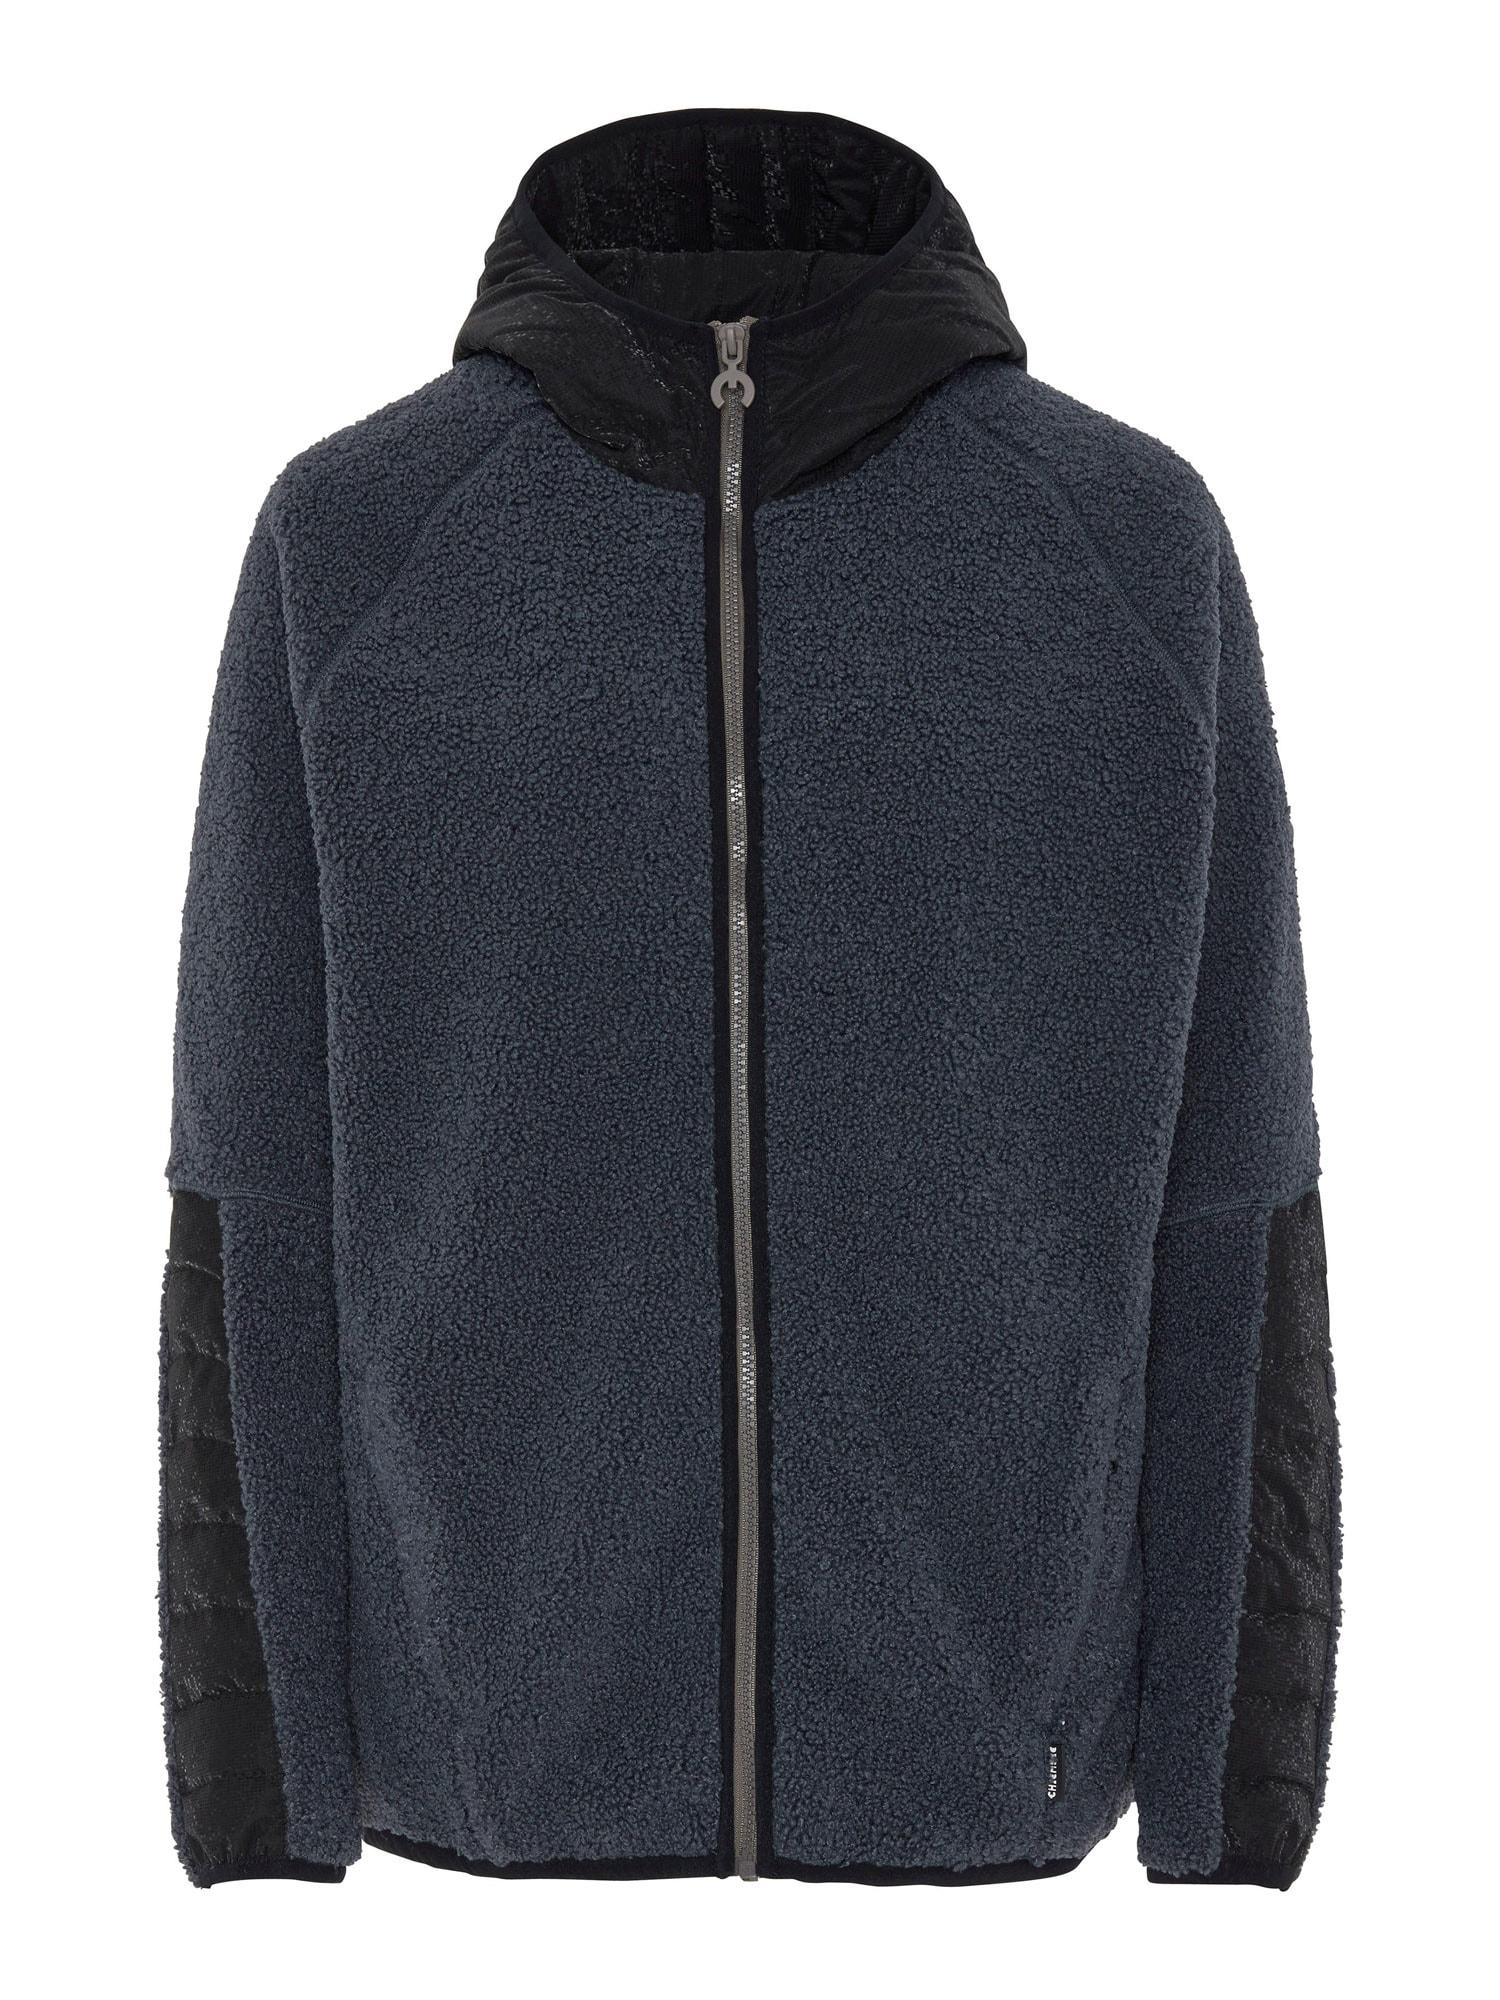 CHIEMSEE Sportovní bunda 'Nuptse'  tmavě šedá / černá